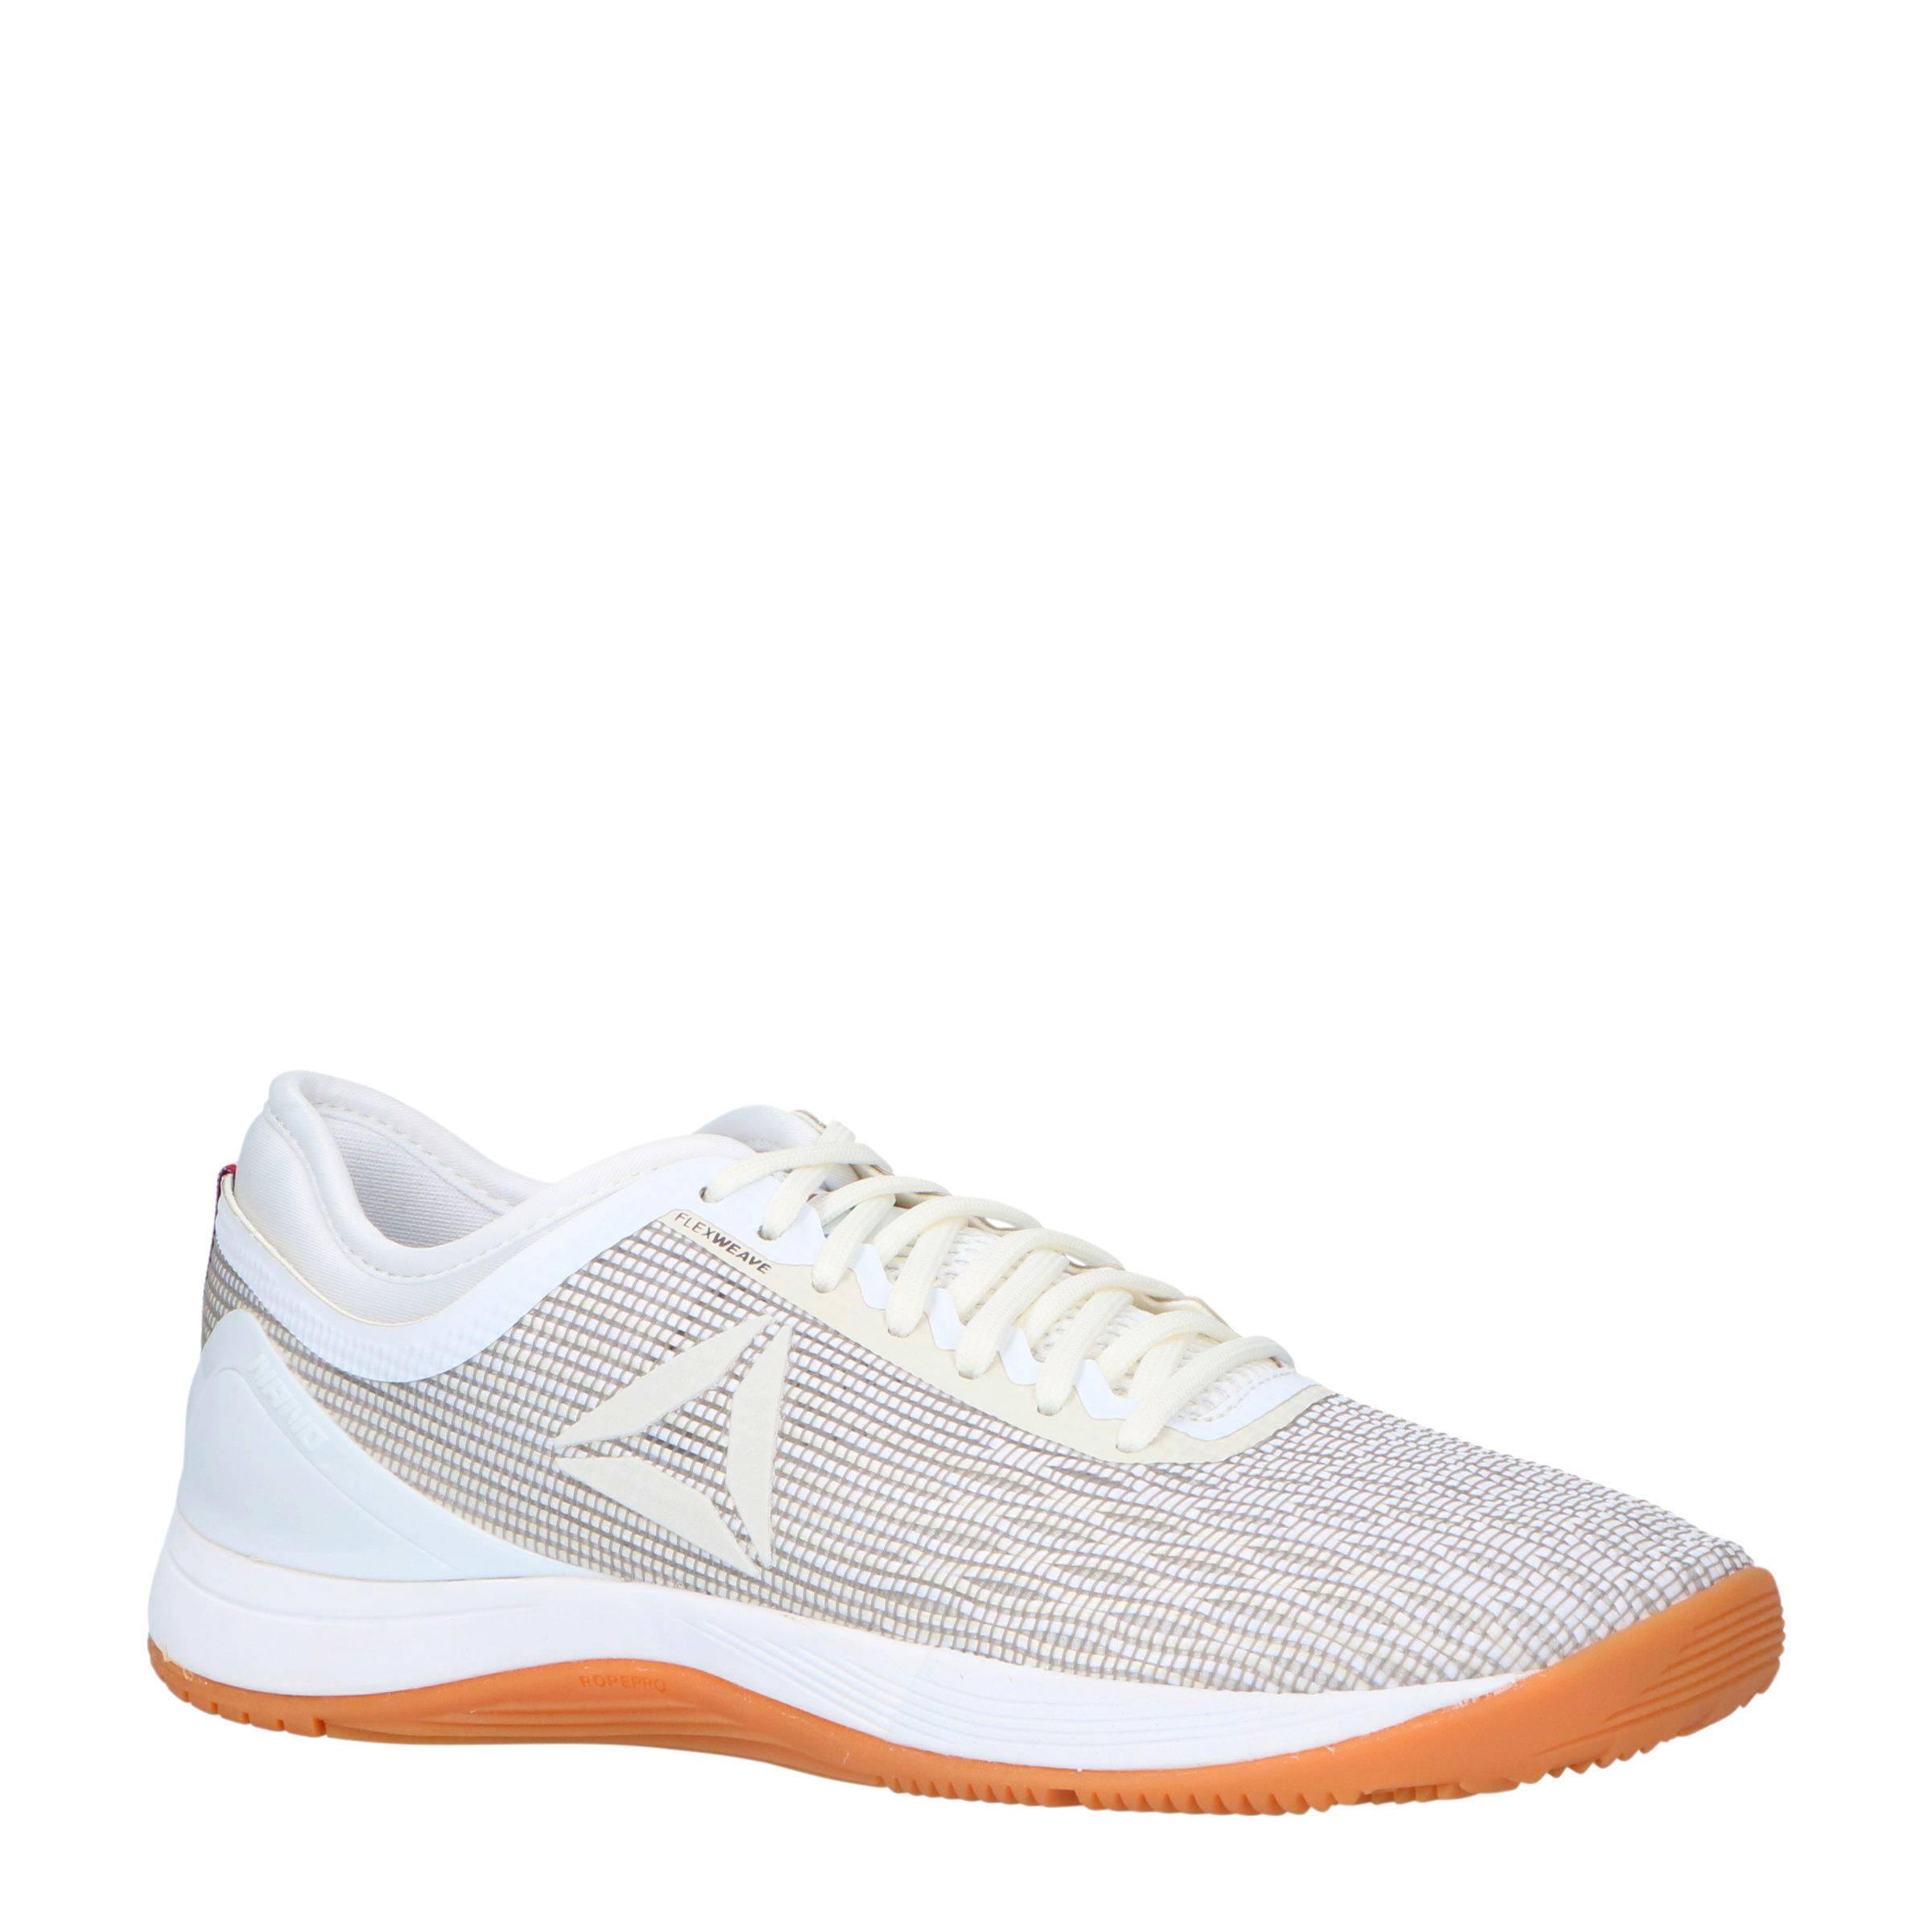 86a9e03abff Reebok R CrossFit Nano 8.0 fitness schoenen wit | wehkamp